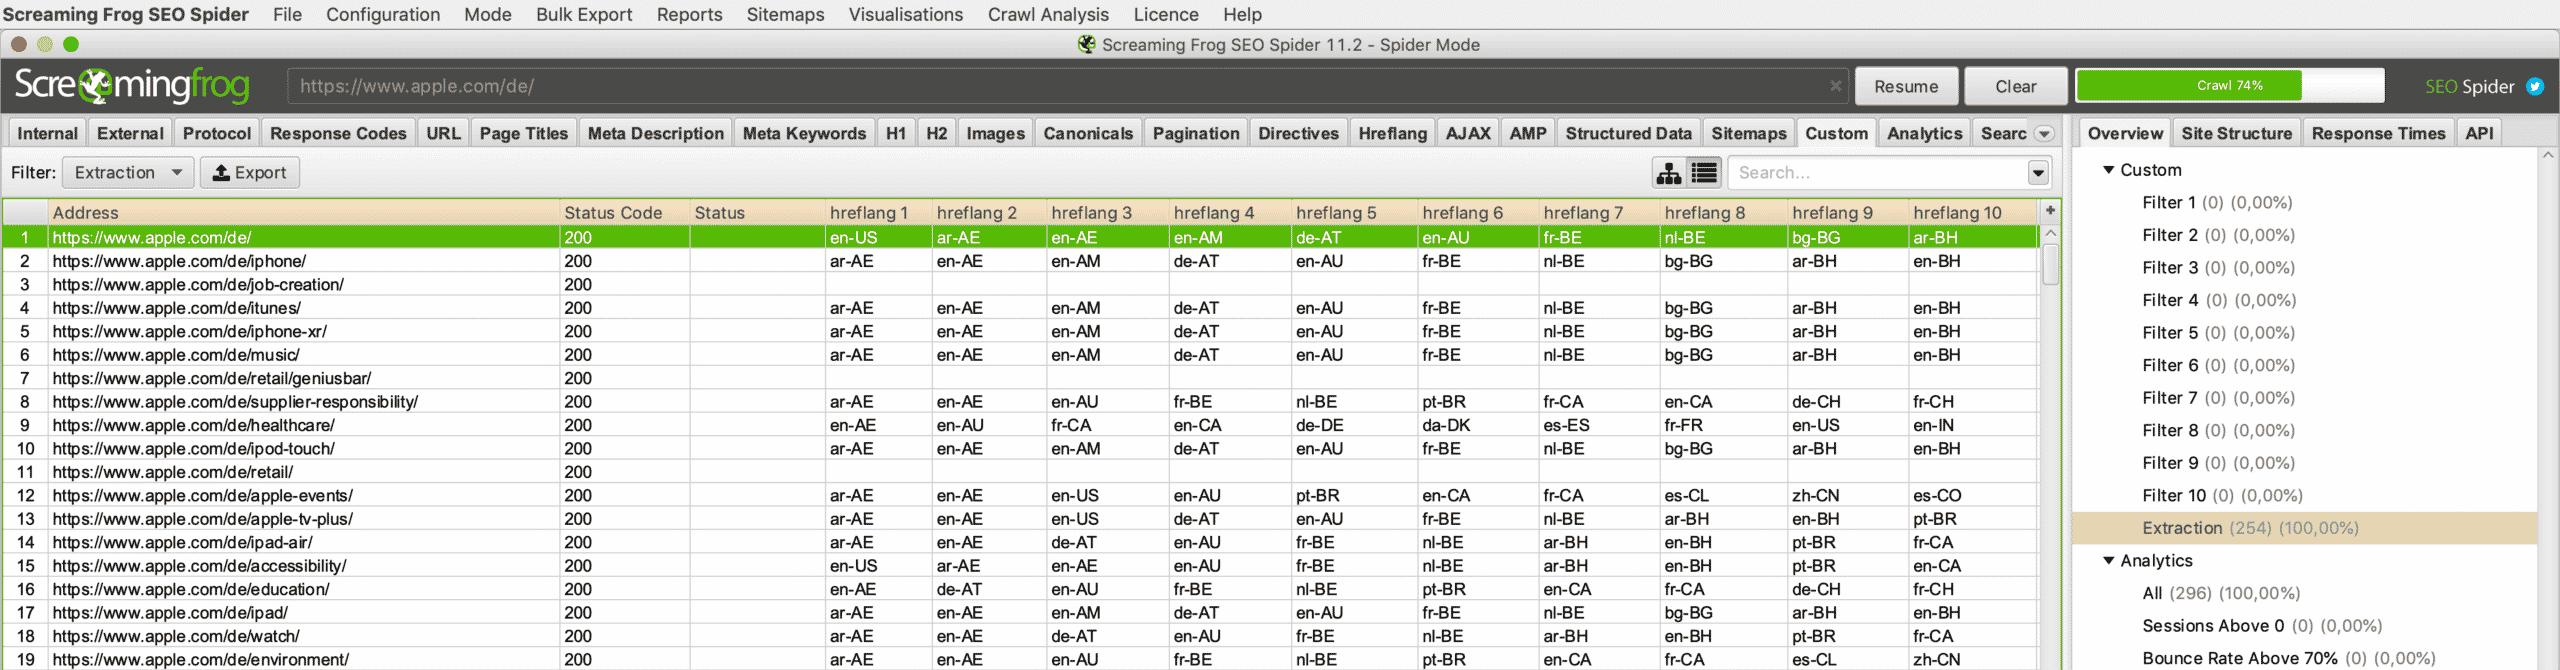 Die definierten Custom Extraction-Filter können im Overview-Filter analysiert werden